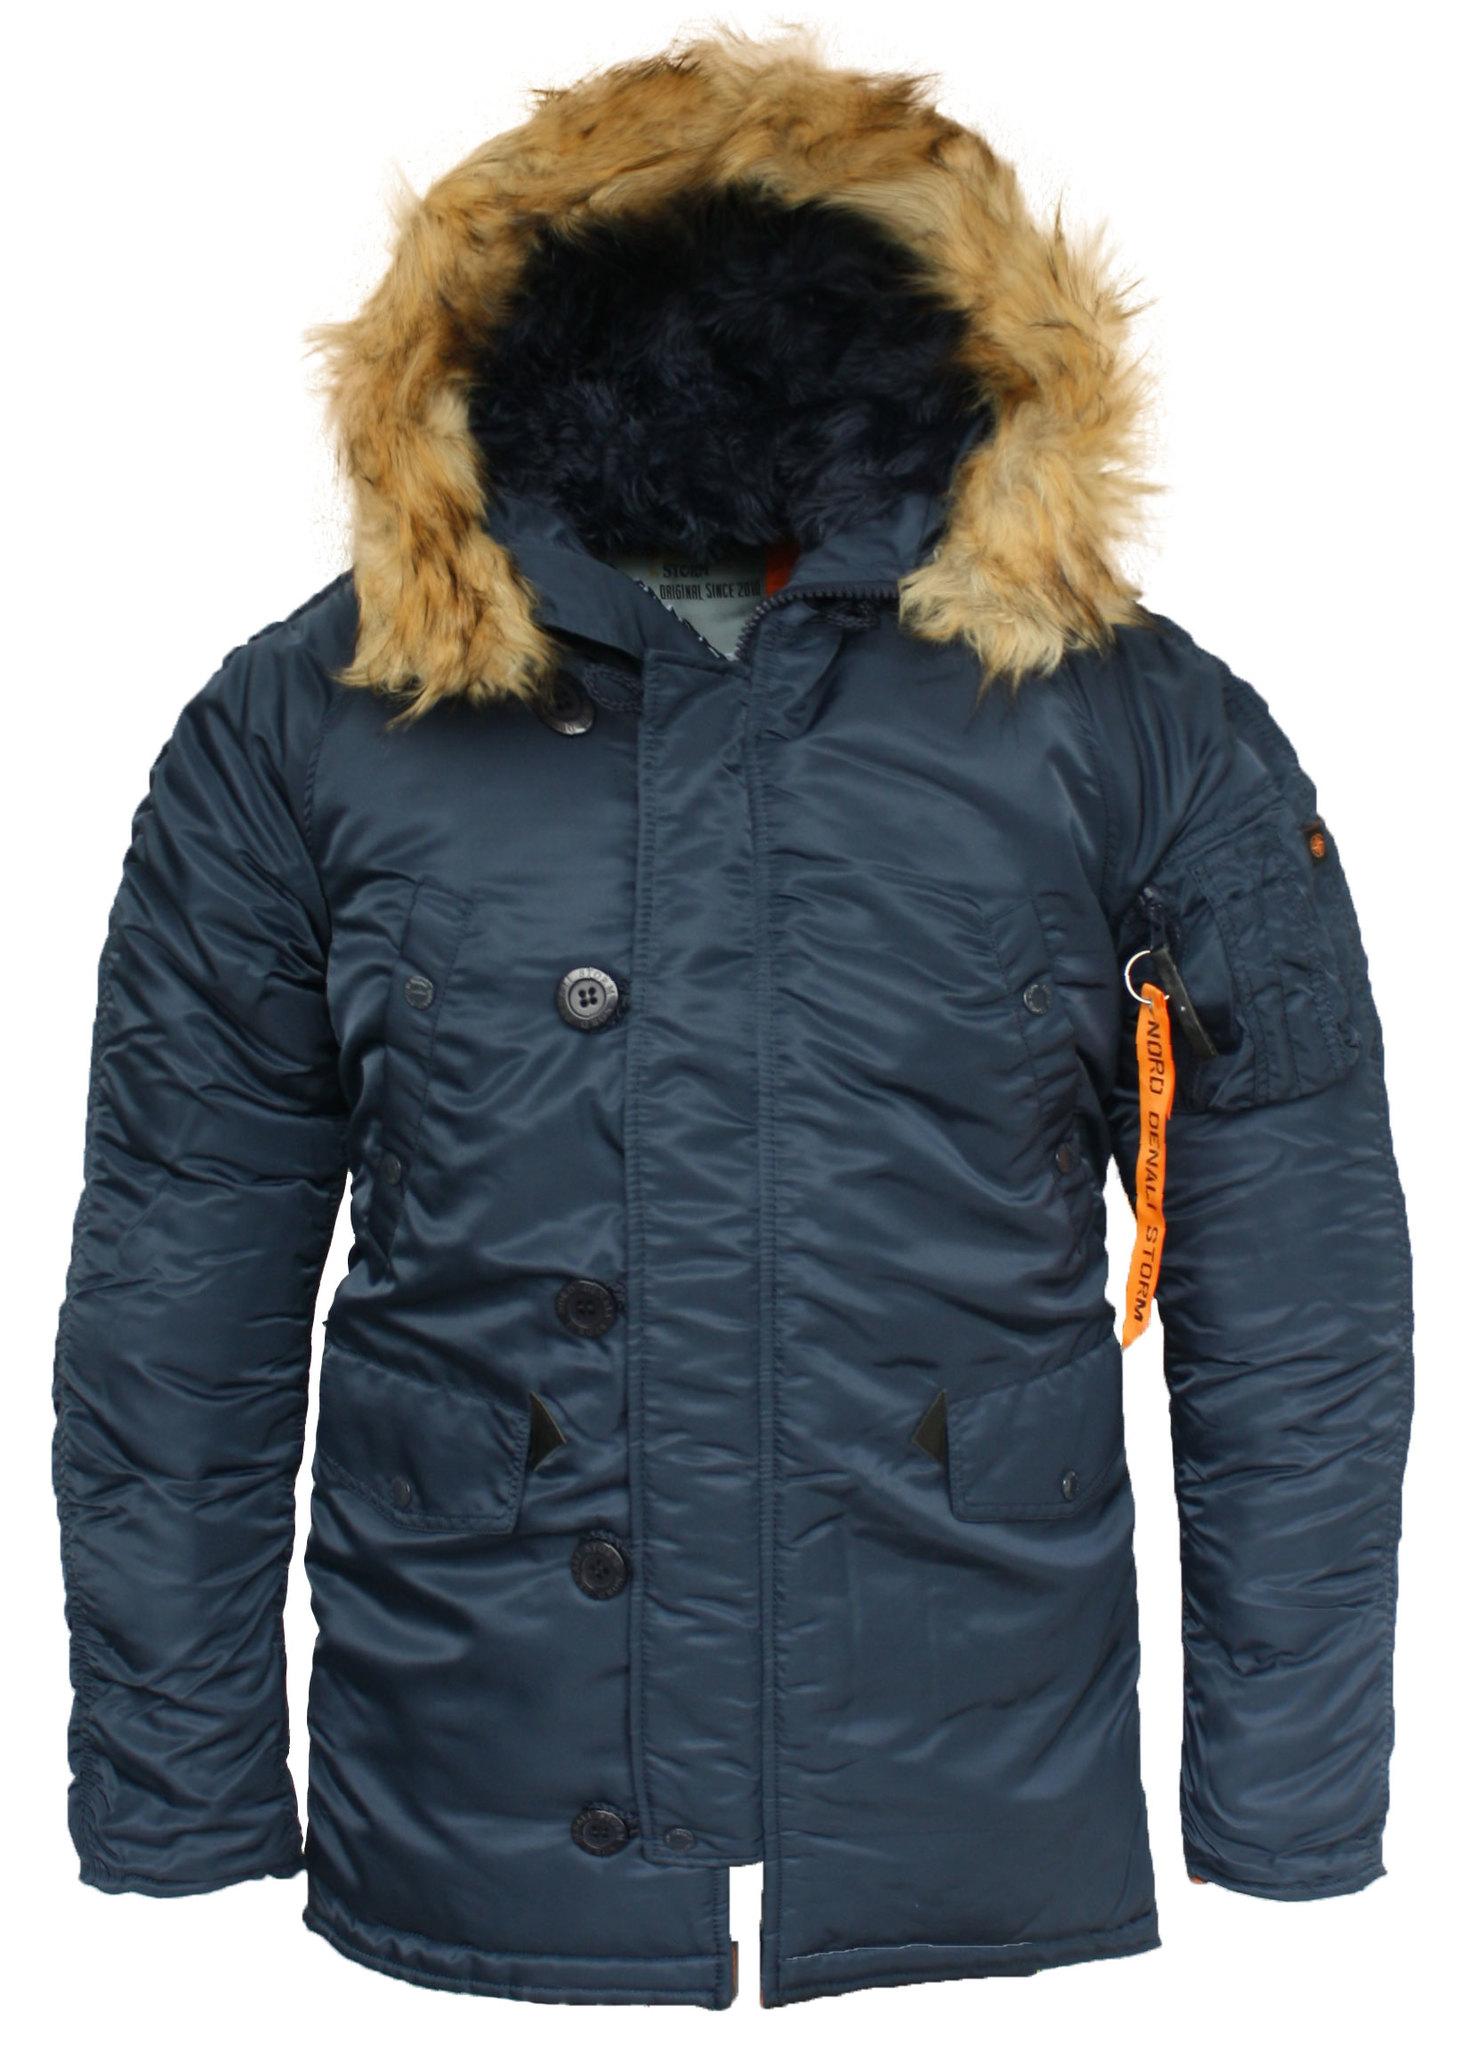 Куртка Аляска N-3B  Husky Denali (синяя - r.blue/orange)